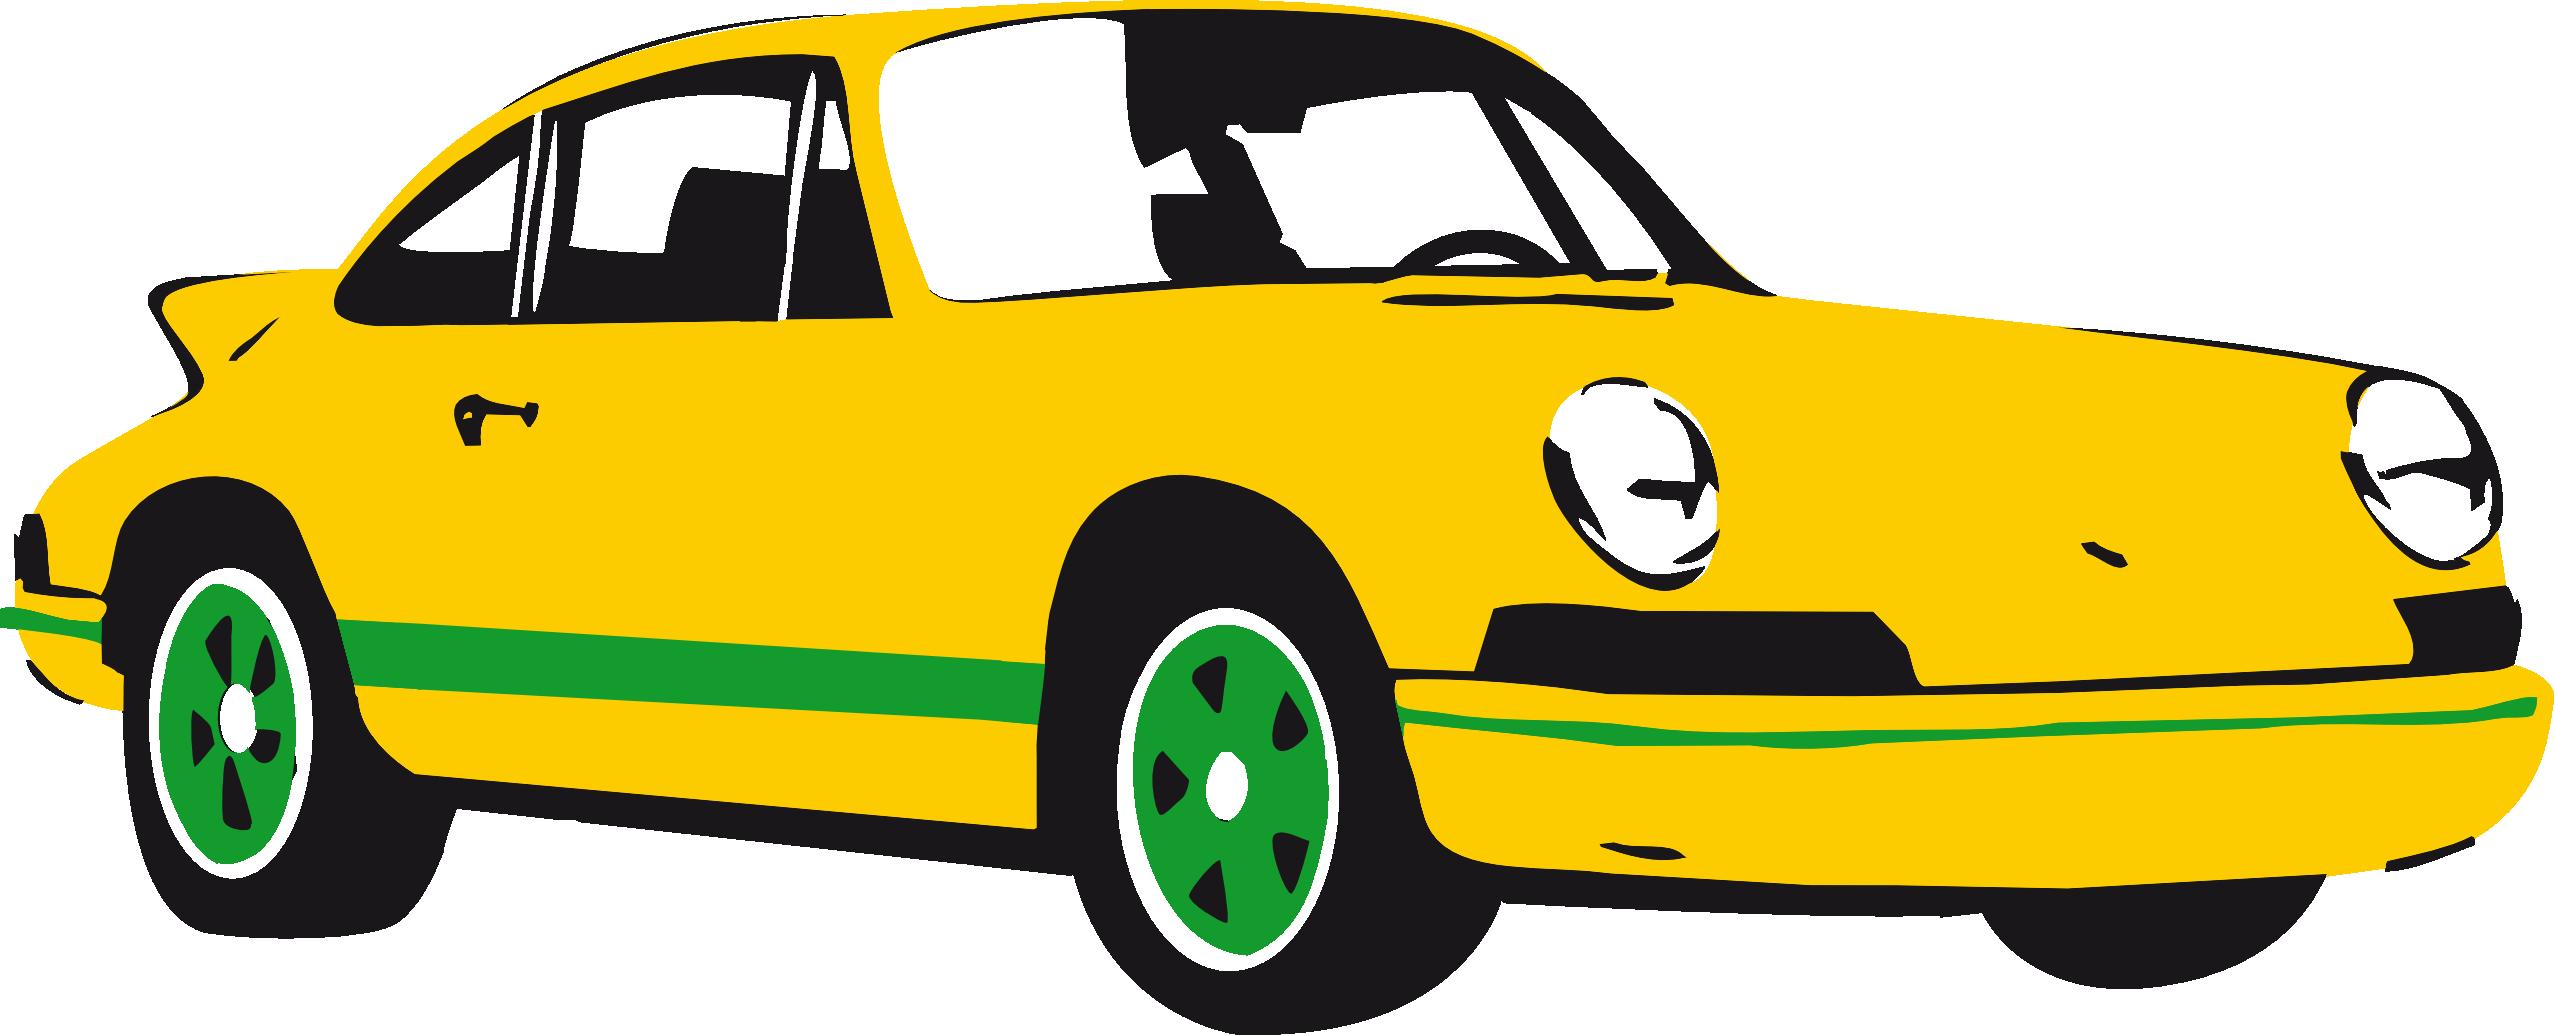 2555x1035 Race Car Clipart Automobile